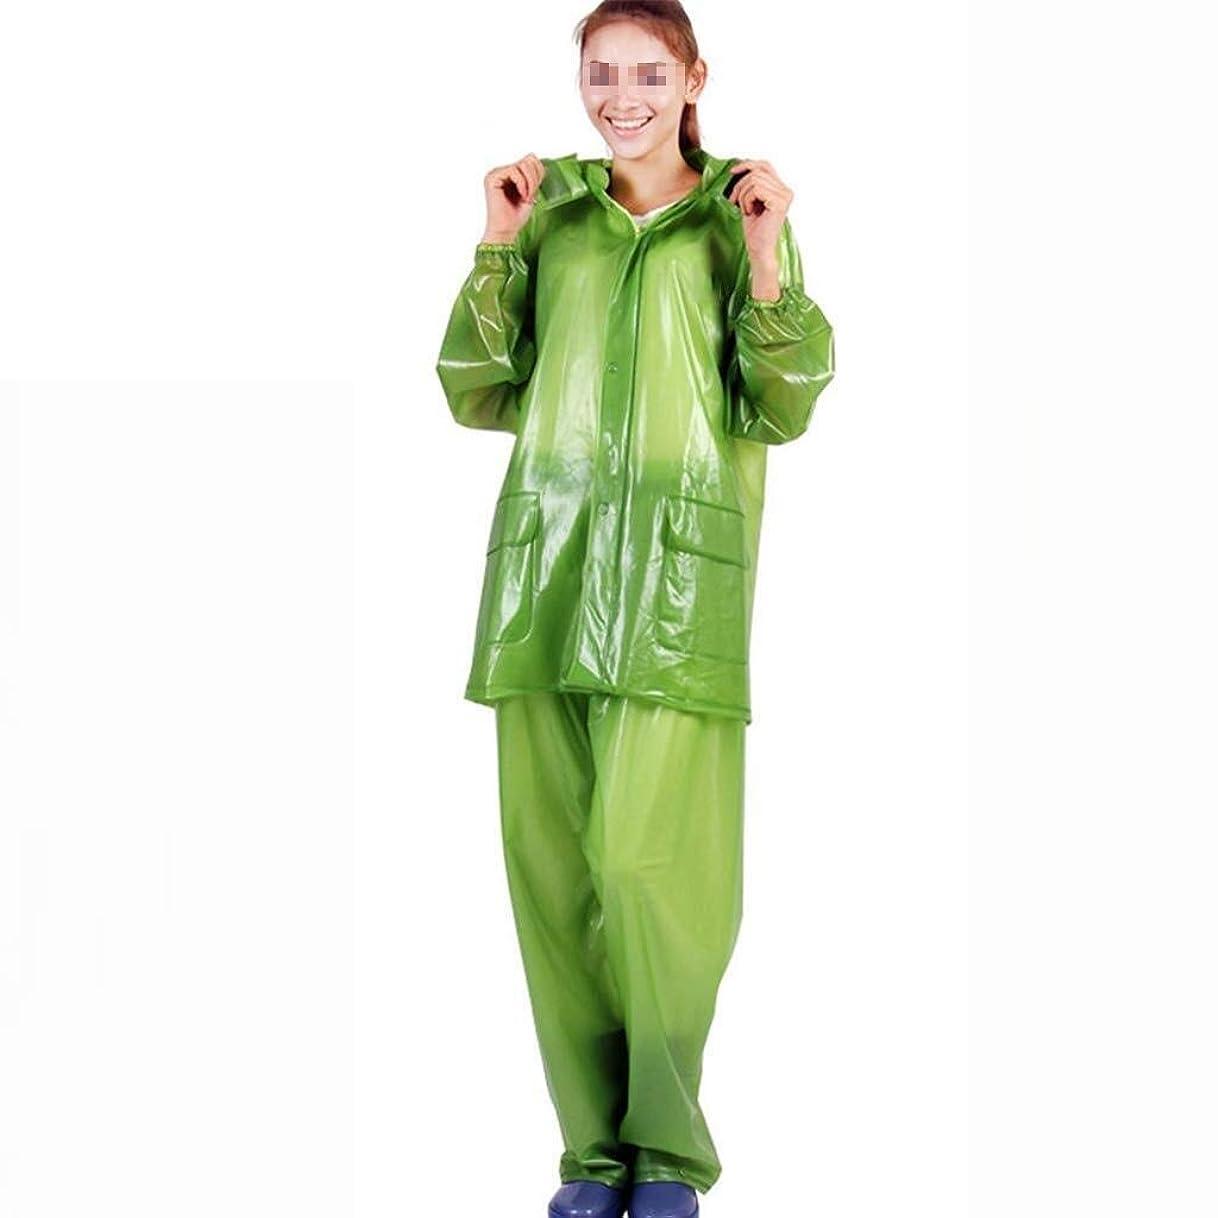 正しく大理石ワインTD レインコート大人のスーツフード付きポリ塩化ビニールエコフレンドリー素材防水ポケットデザインアウトドアレジャーの風フルーツ ポンチョ ハイキング (Size : Large)